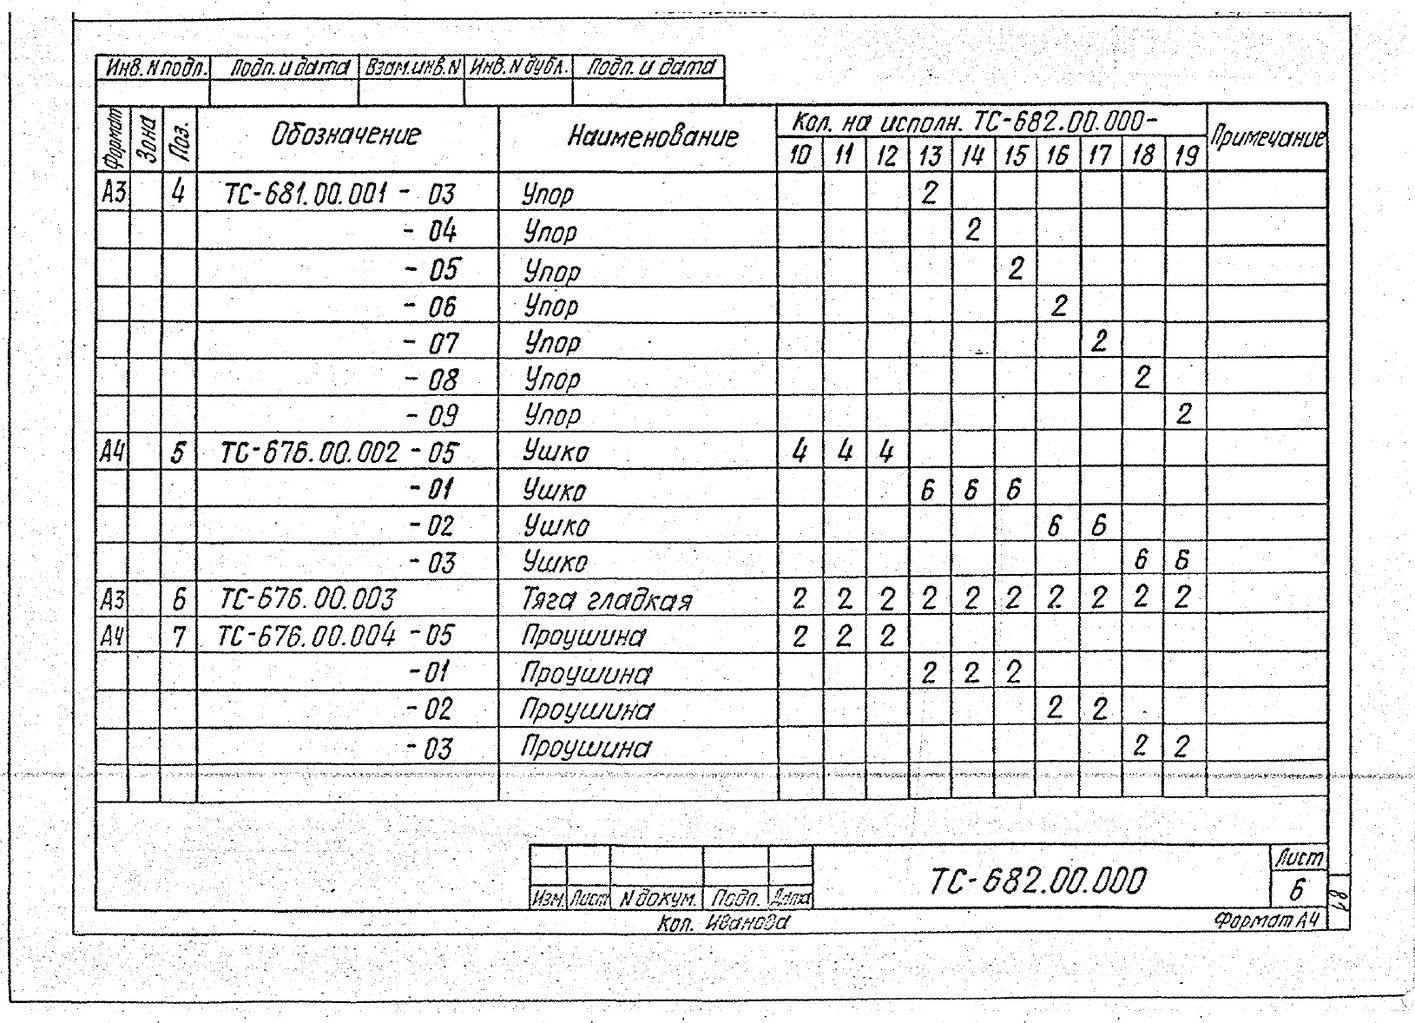 Подвески жесткие для вертикальных трубопроводов Дн 57-630 мм ТС-682.00.000 СБ серия 5.903-13 выпуск 6-95 стр.8